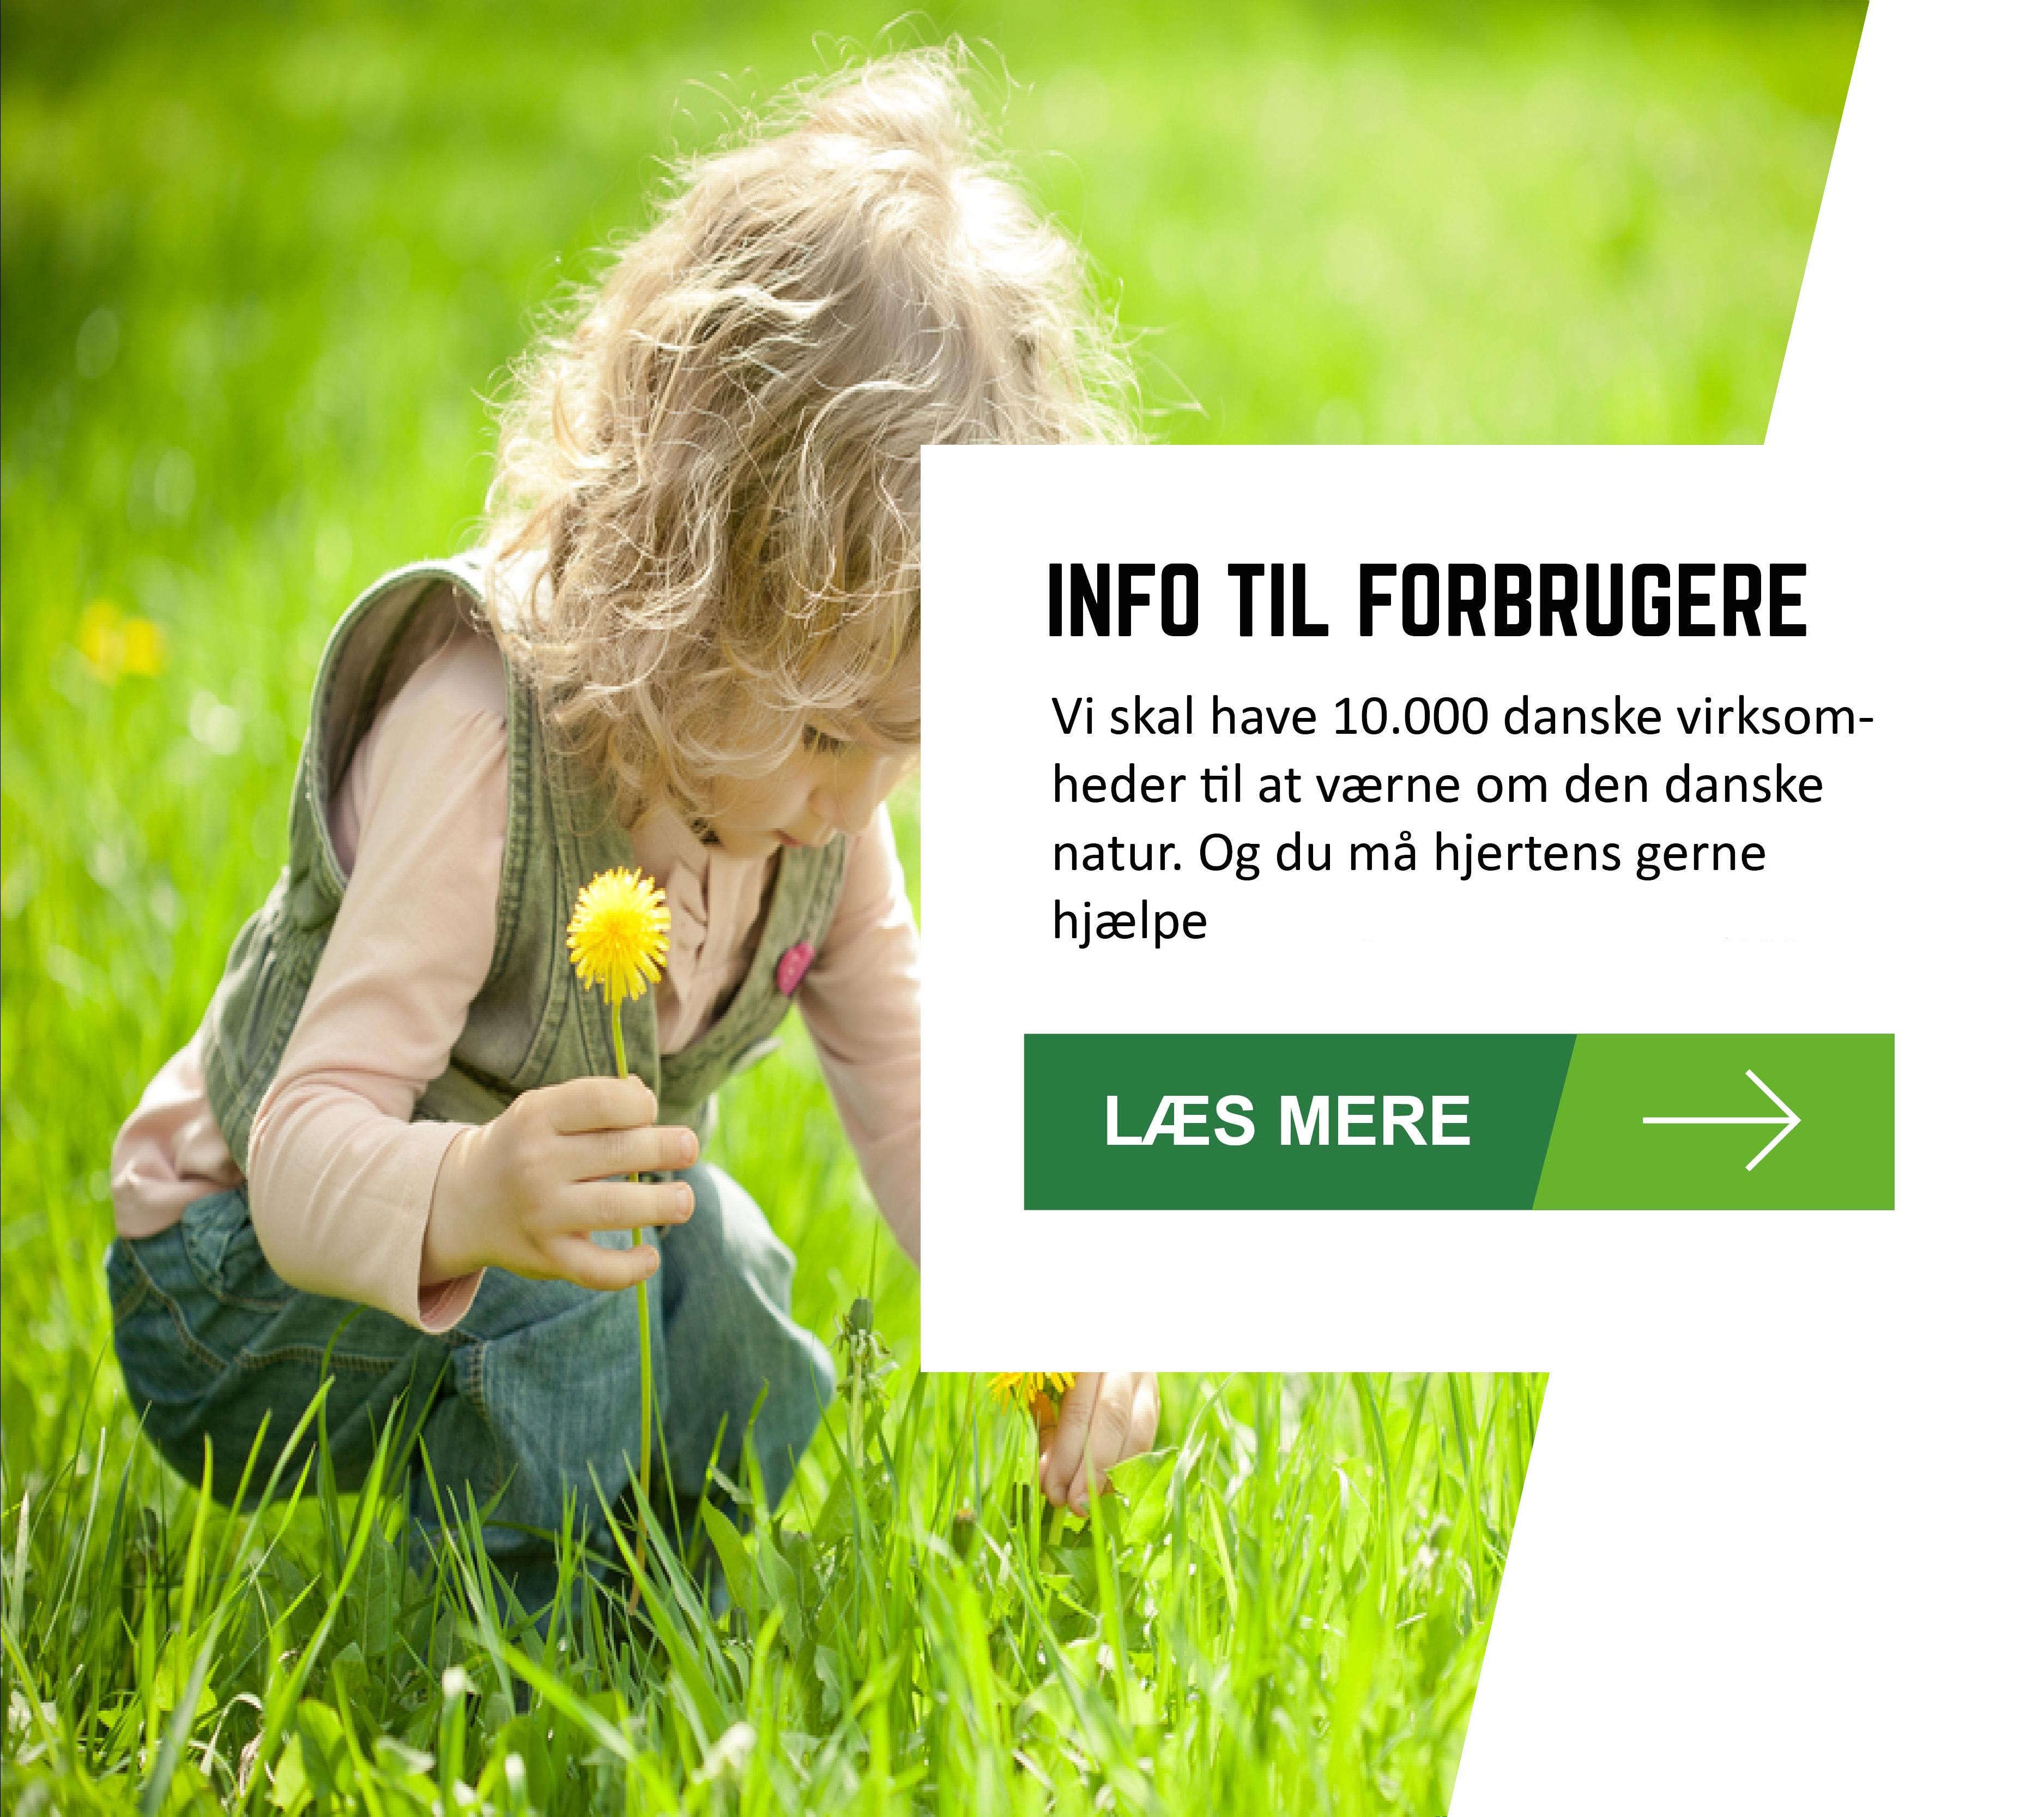 info-forbruger-1